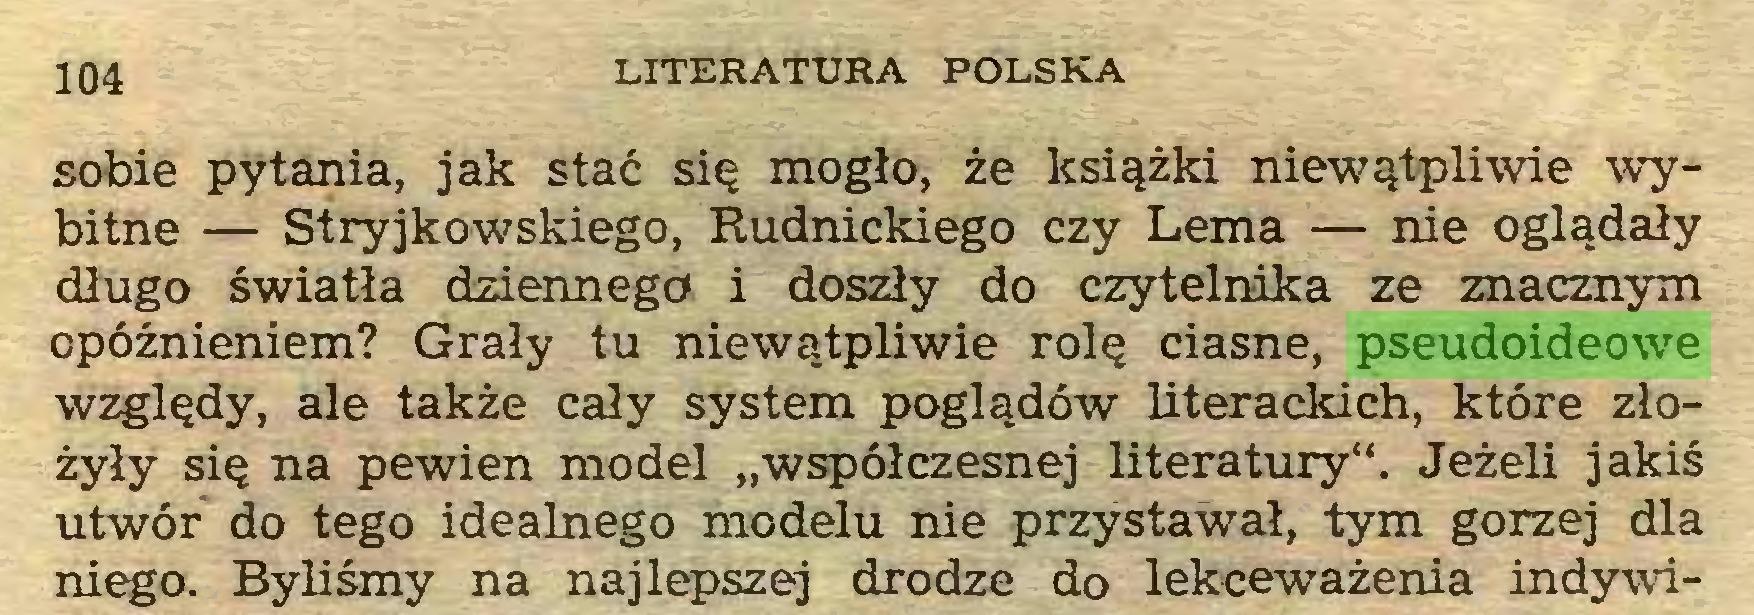 """(...) 104 LITERATURA POLSKA sobie pytania, jak stać się mogło, że książki niewątpliwie wybitne — Stryjkowskiego, Rudnickiego czy Lema — nie oglądały długo światła dziennego i doszły do czytelnika ze znacznym opóźnieniem? Grały tu niewątpliwie rolę ciasne, pseudoideowe względy, ale także cały system poglądów literackich, które złożyły się na pewien model """"współczesnej literatury"""". Jeżeli jakiś utwór do tego idealnego modelu nie przystawał, tym gorzej dla niego. Byliśmy na najlepszej drodze do lekceważenia indywi..."""